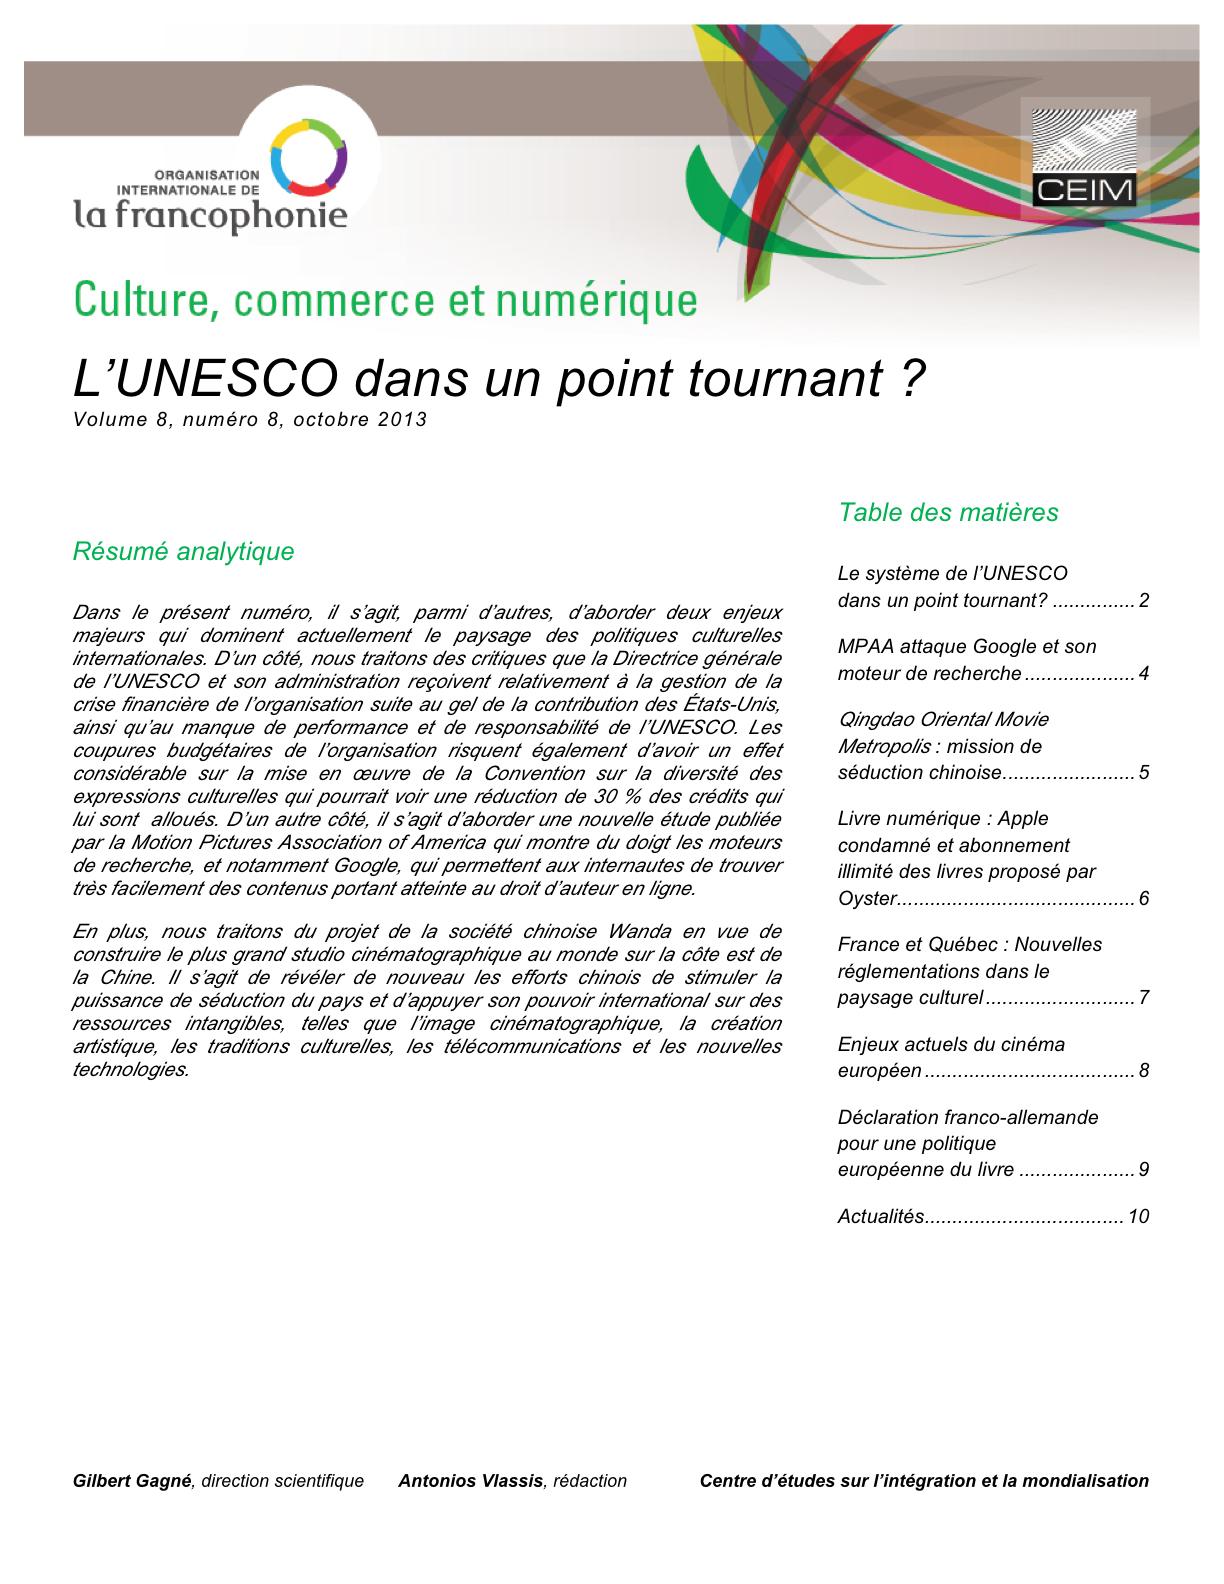 L'UNESCO dans un point tournant?